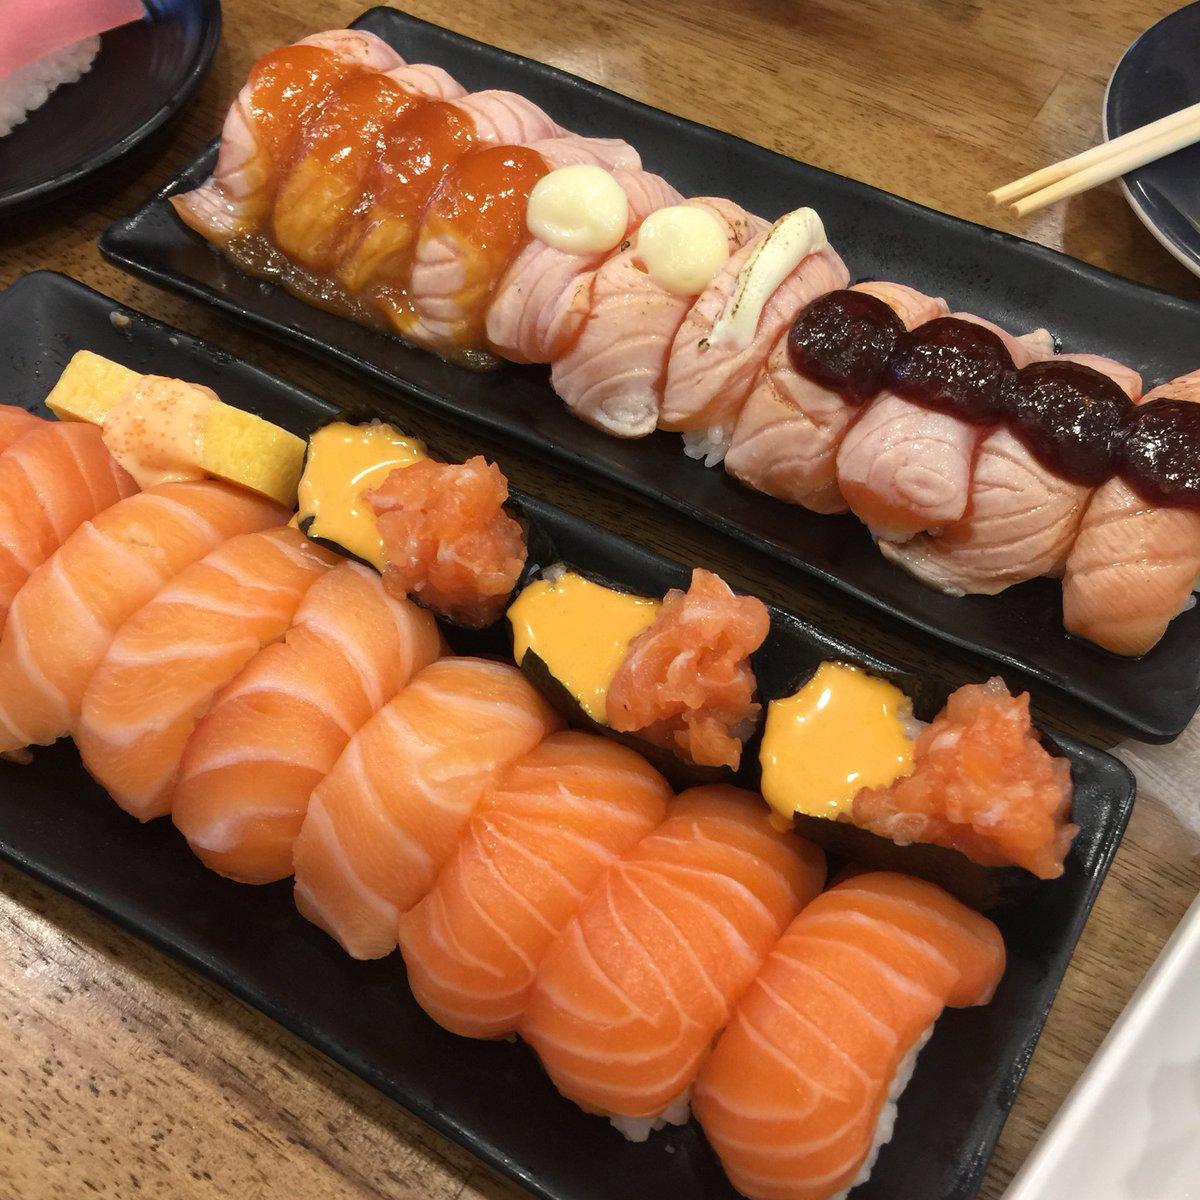 และนี่คือร้าน ' ShinkanZen Sushi ' ไปกินโปรคำละ 11฿ บ้าบวออออ ม่อนเป็นอะฮรืออออออ กินจนว่ายน้ำได้ 🍣✨💕 ตอนนี้หมดโปรละ เขาจะย้ายโปรไปตามสายาเรื่อยๆ (ปกติก็คำละแค่ 17-19 บาทเอง)